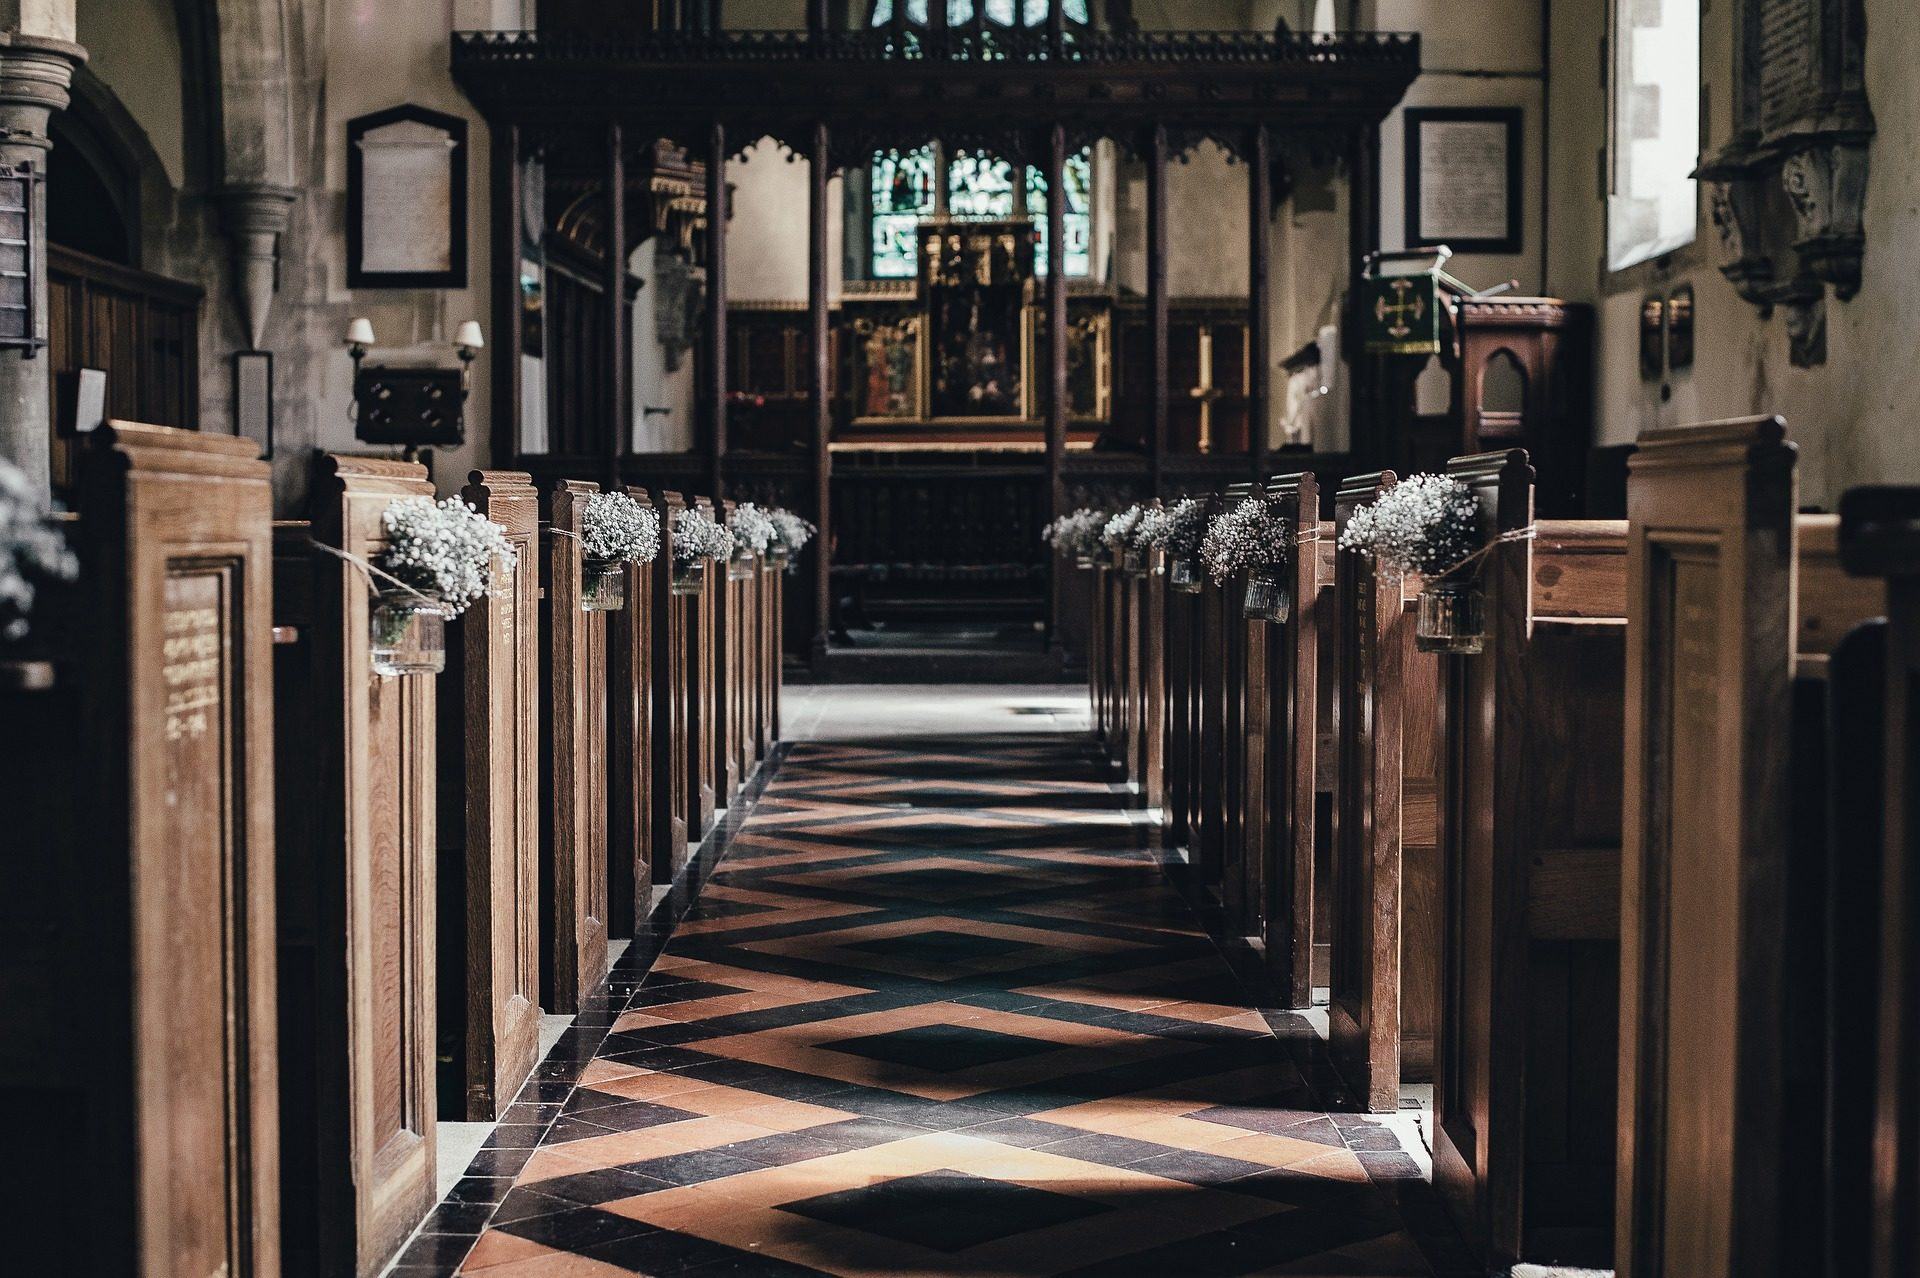 iglesia, bancos, altar, madera, adornos - Fondos de Pantalla HD - professor-falken.com